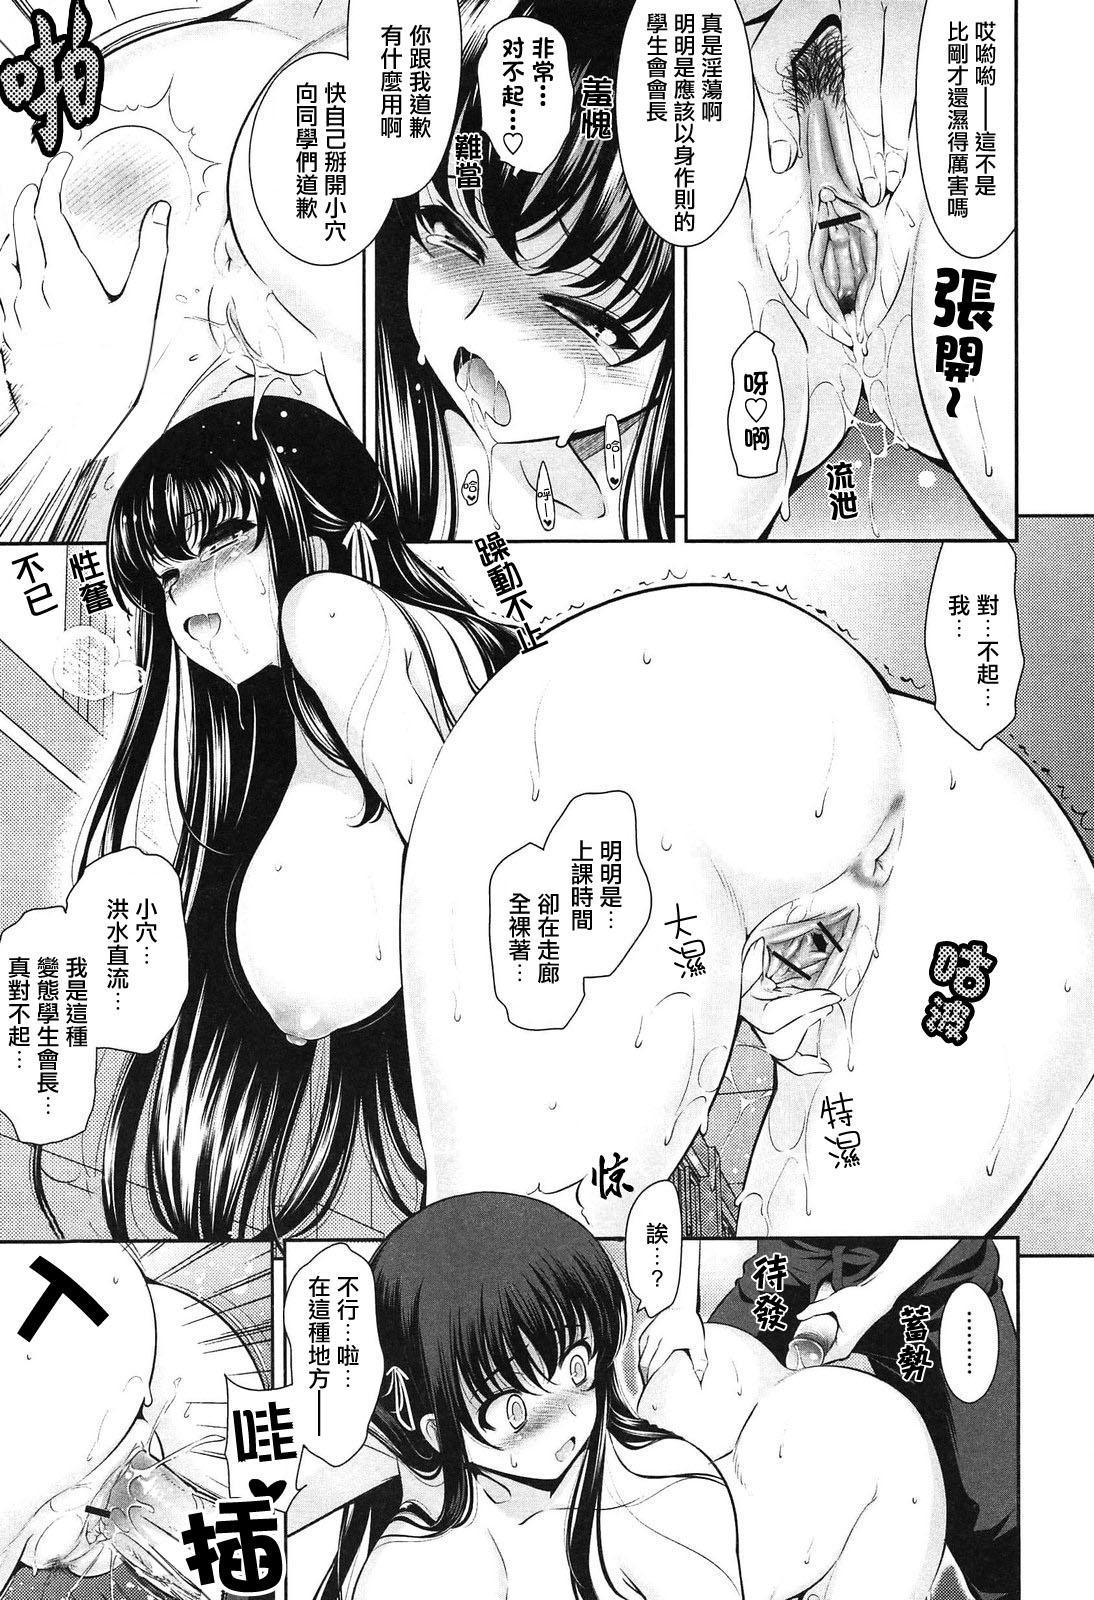 Renai Fuyou Gakuha Ch. 1 8